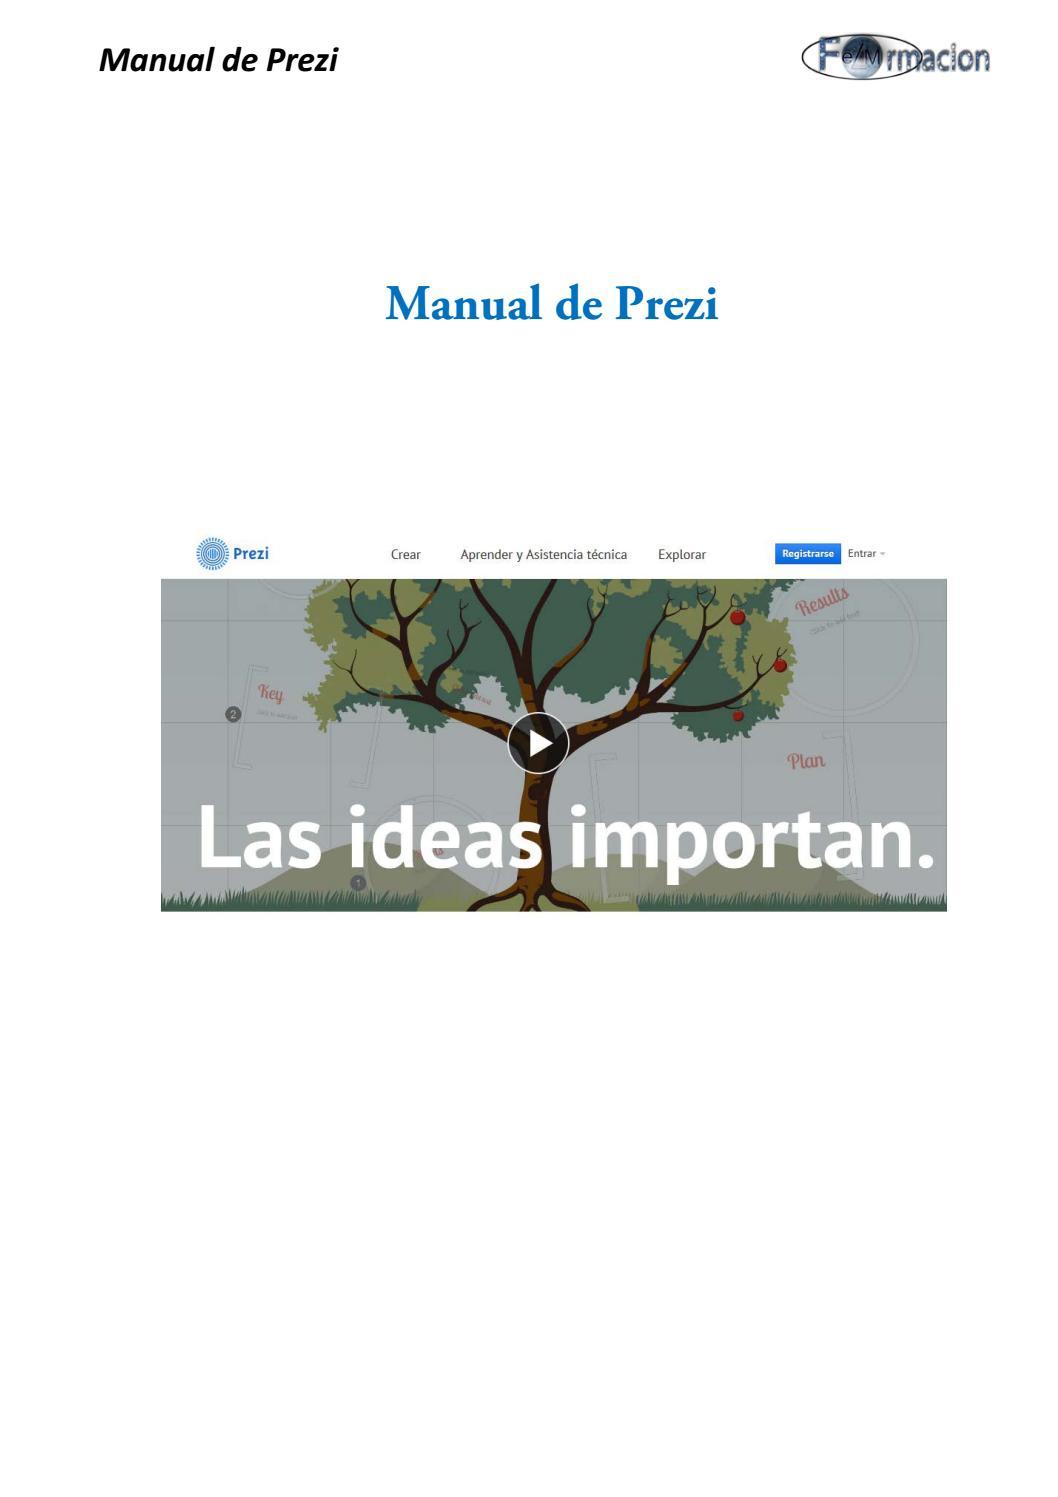 prezi una herramienta eficaz al alcance de un click by david - issuu